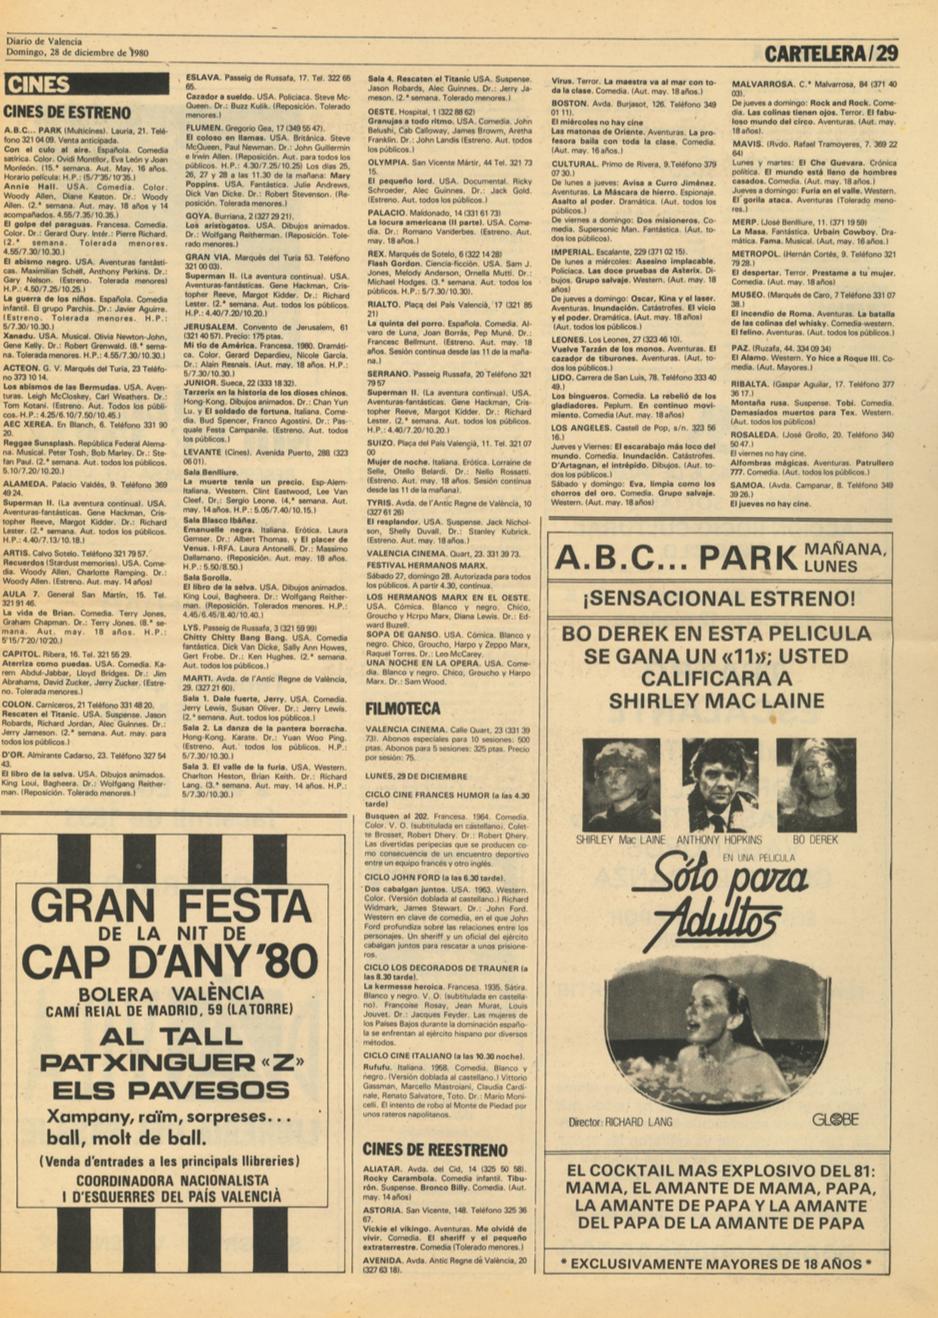 1980 Pavesos Nit de Cap d'Any a la Bolera València Diario de Valencia Publicitat